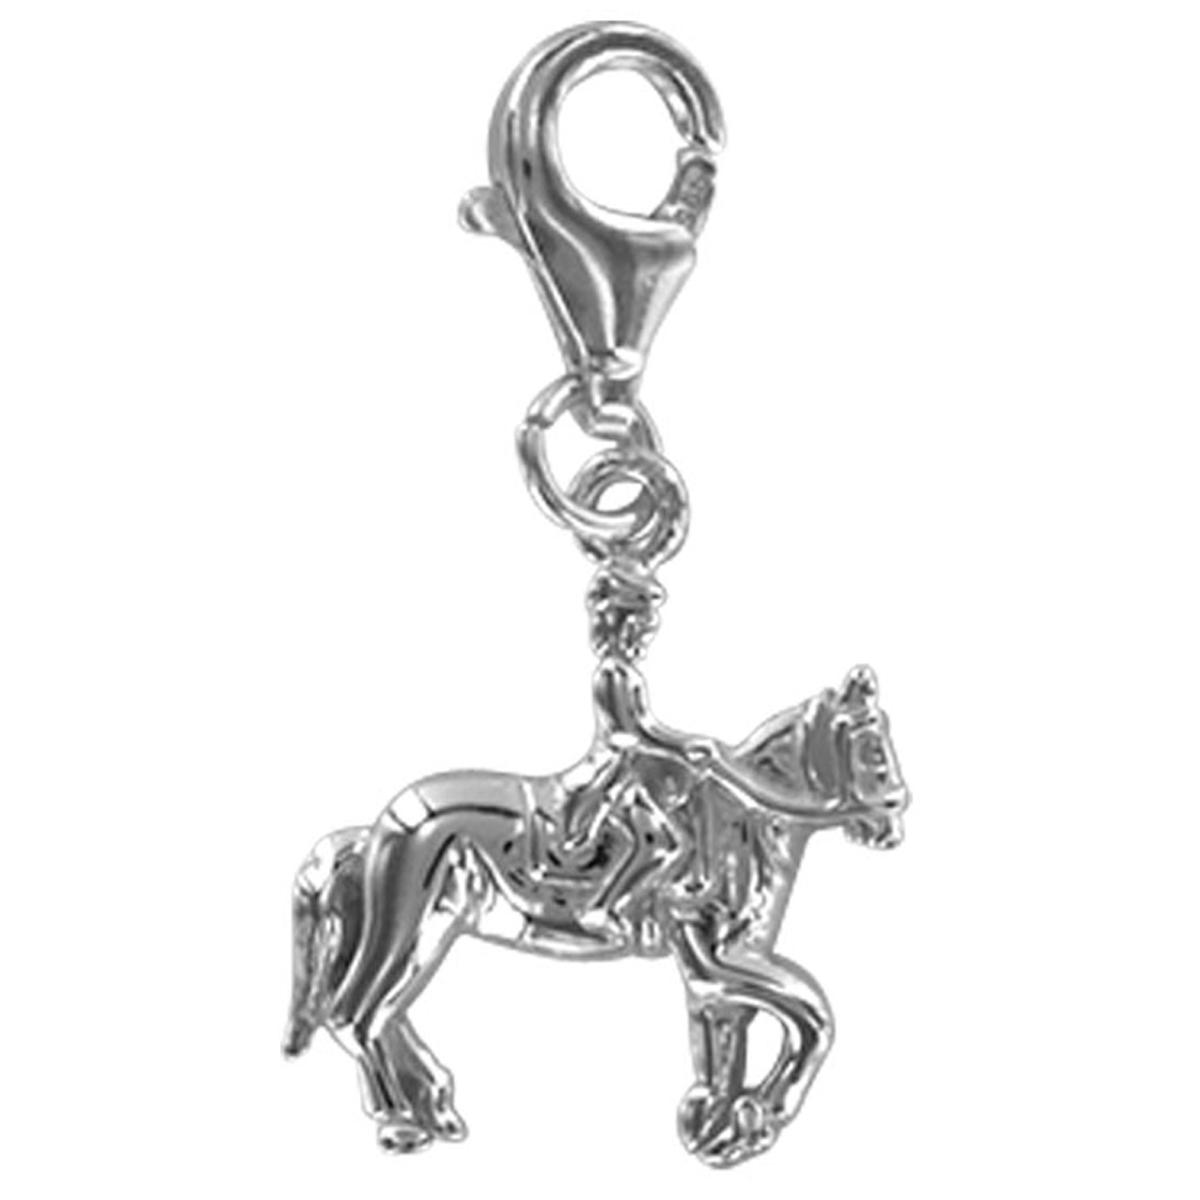 Pendentif charm argent \'Equitation\' argenté (rhodié) - 20x18 mm - [Q4920]